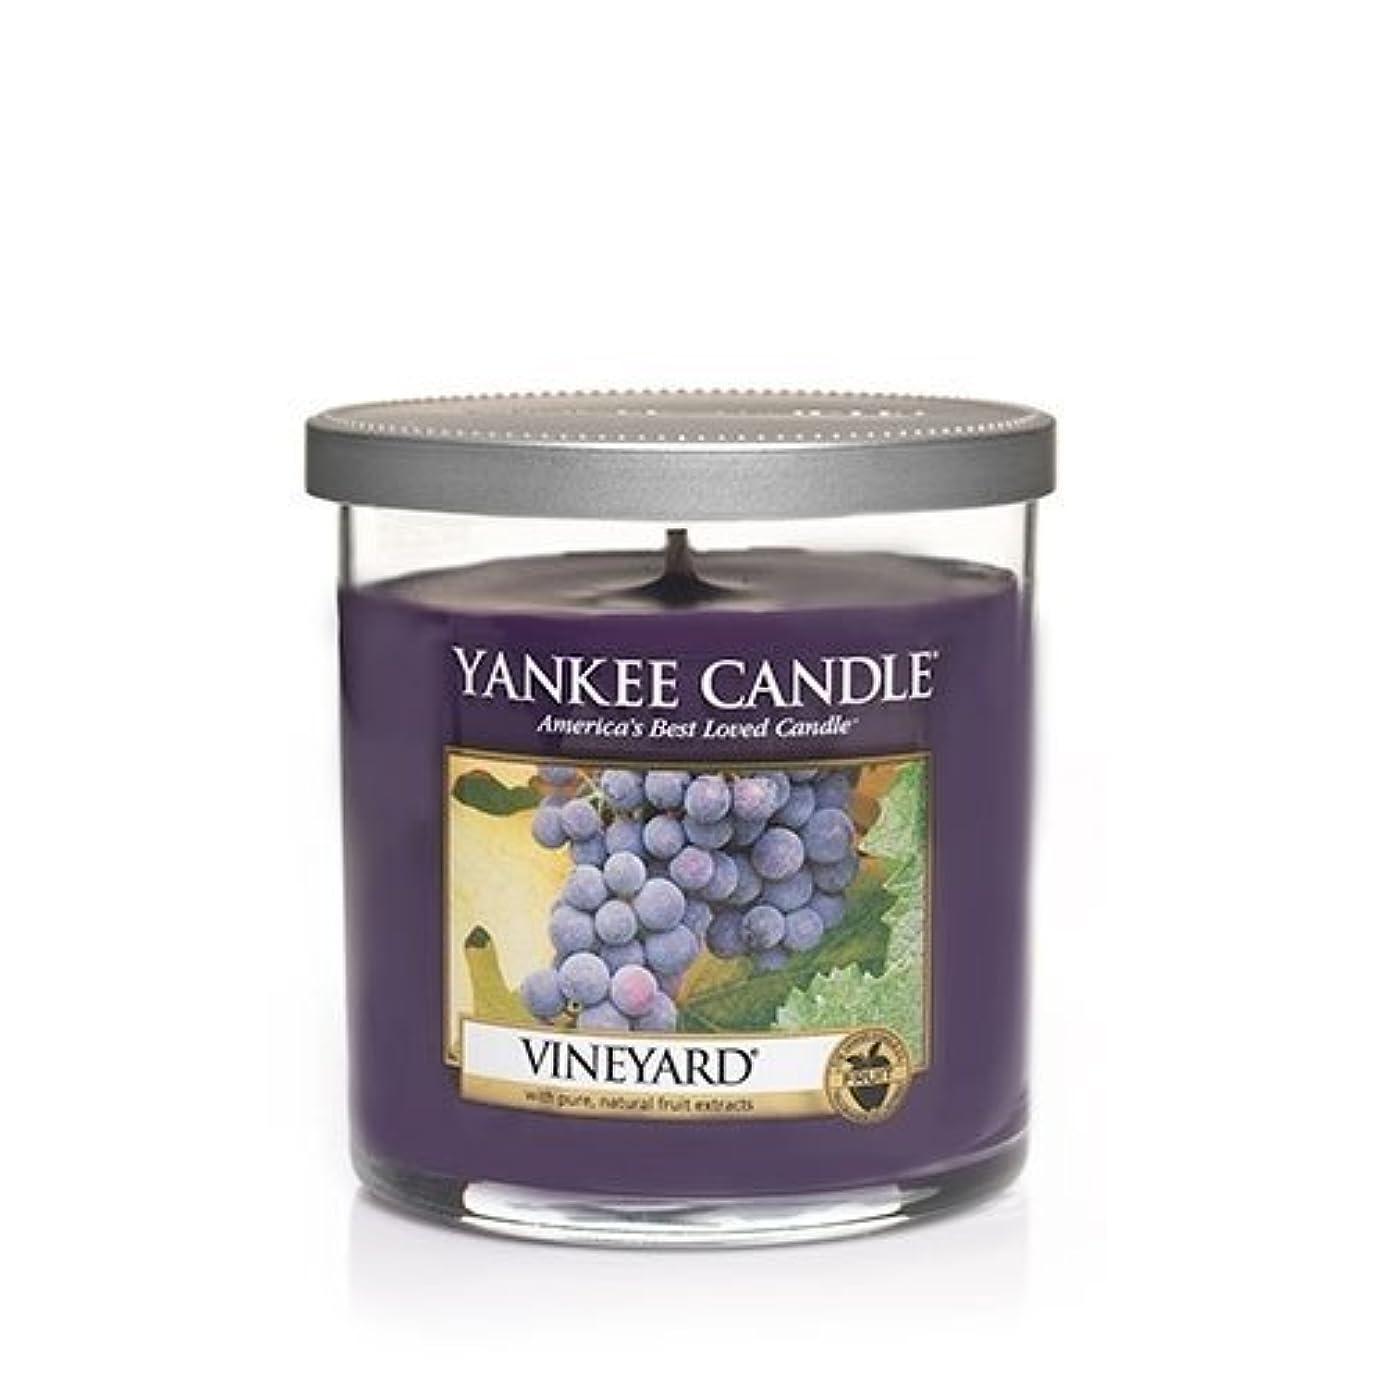 キロメートル医療過誤ゴミ箱を空にするYankeeキャンドルVineyardスモールタンブラー7oz、Festive香り